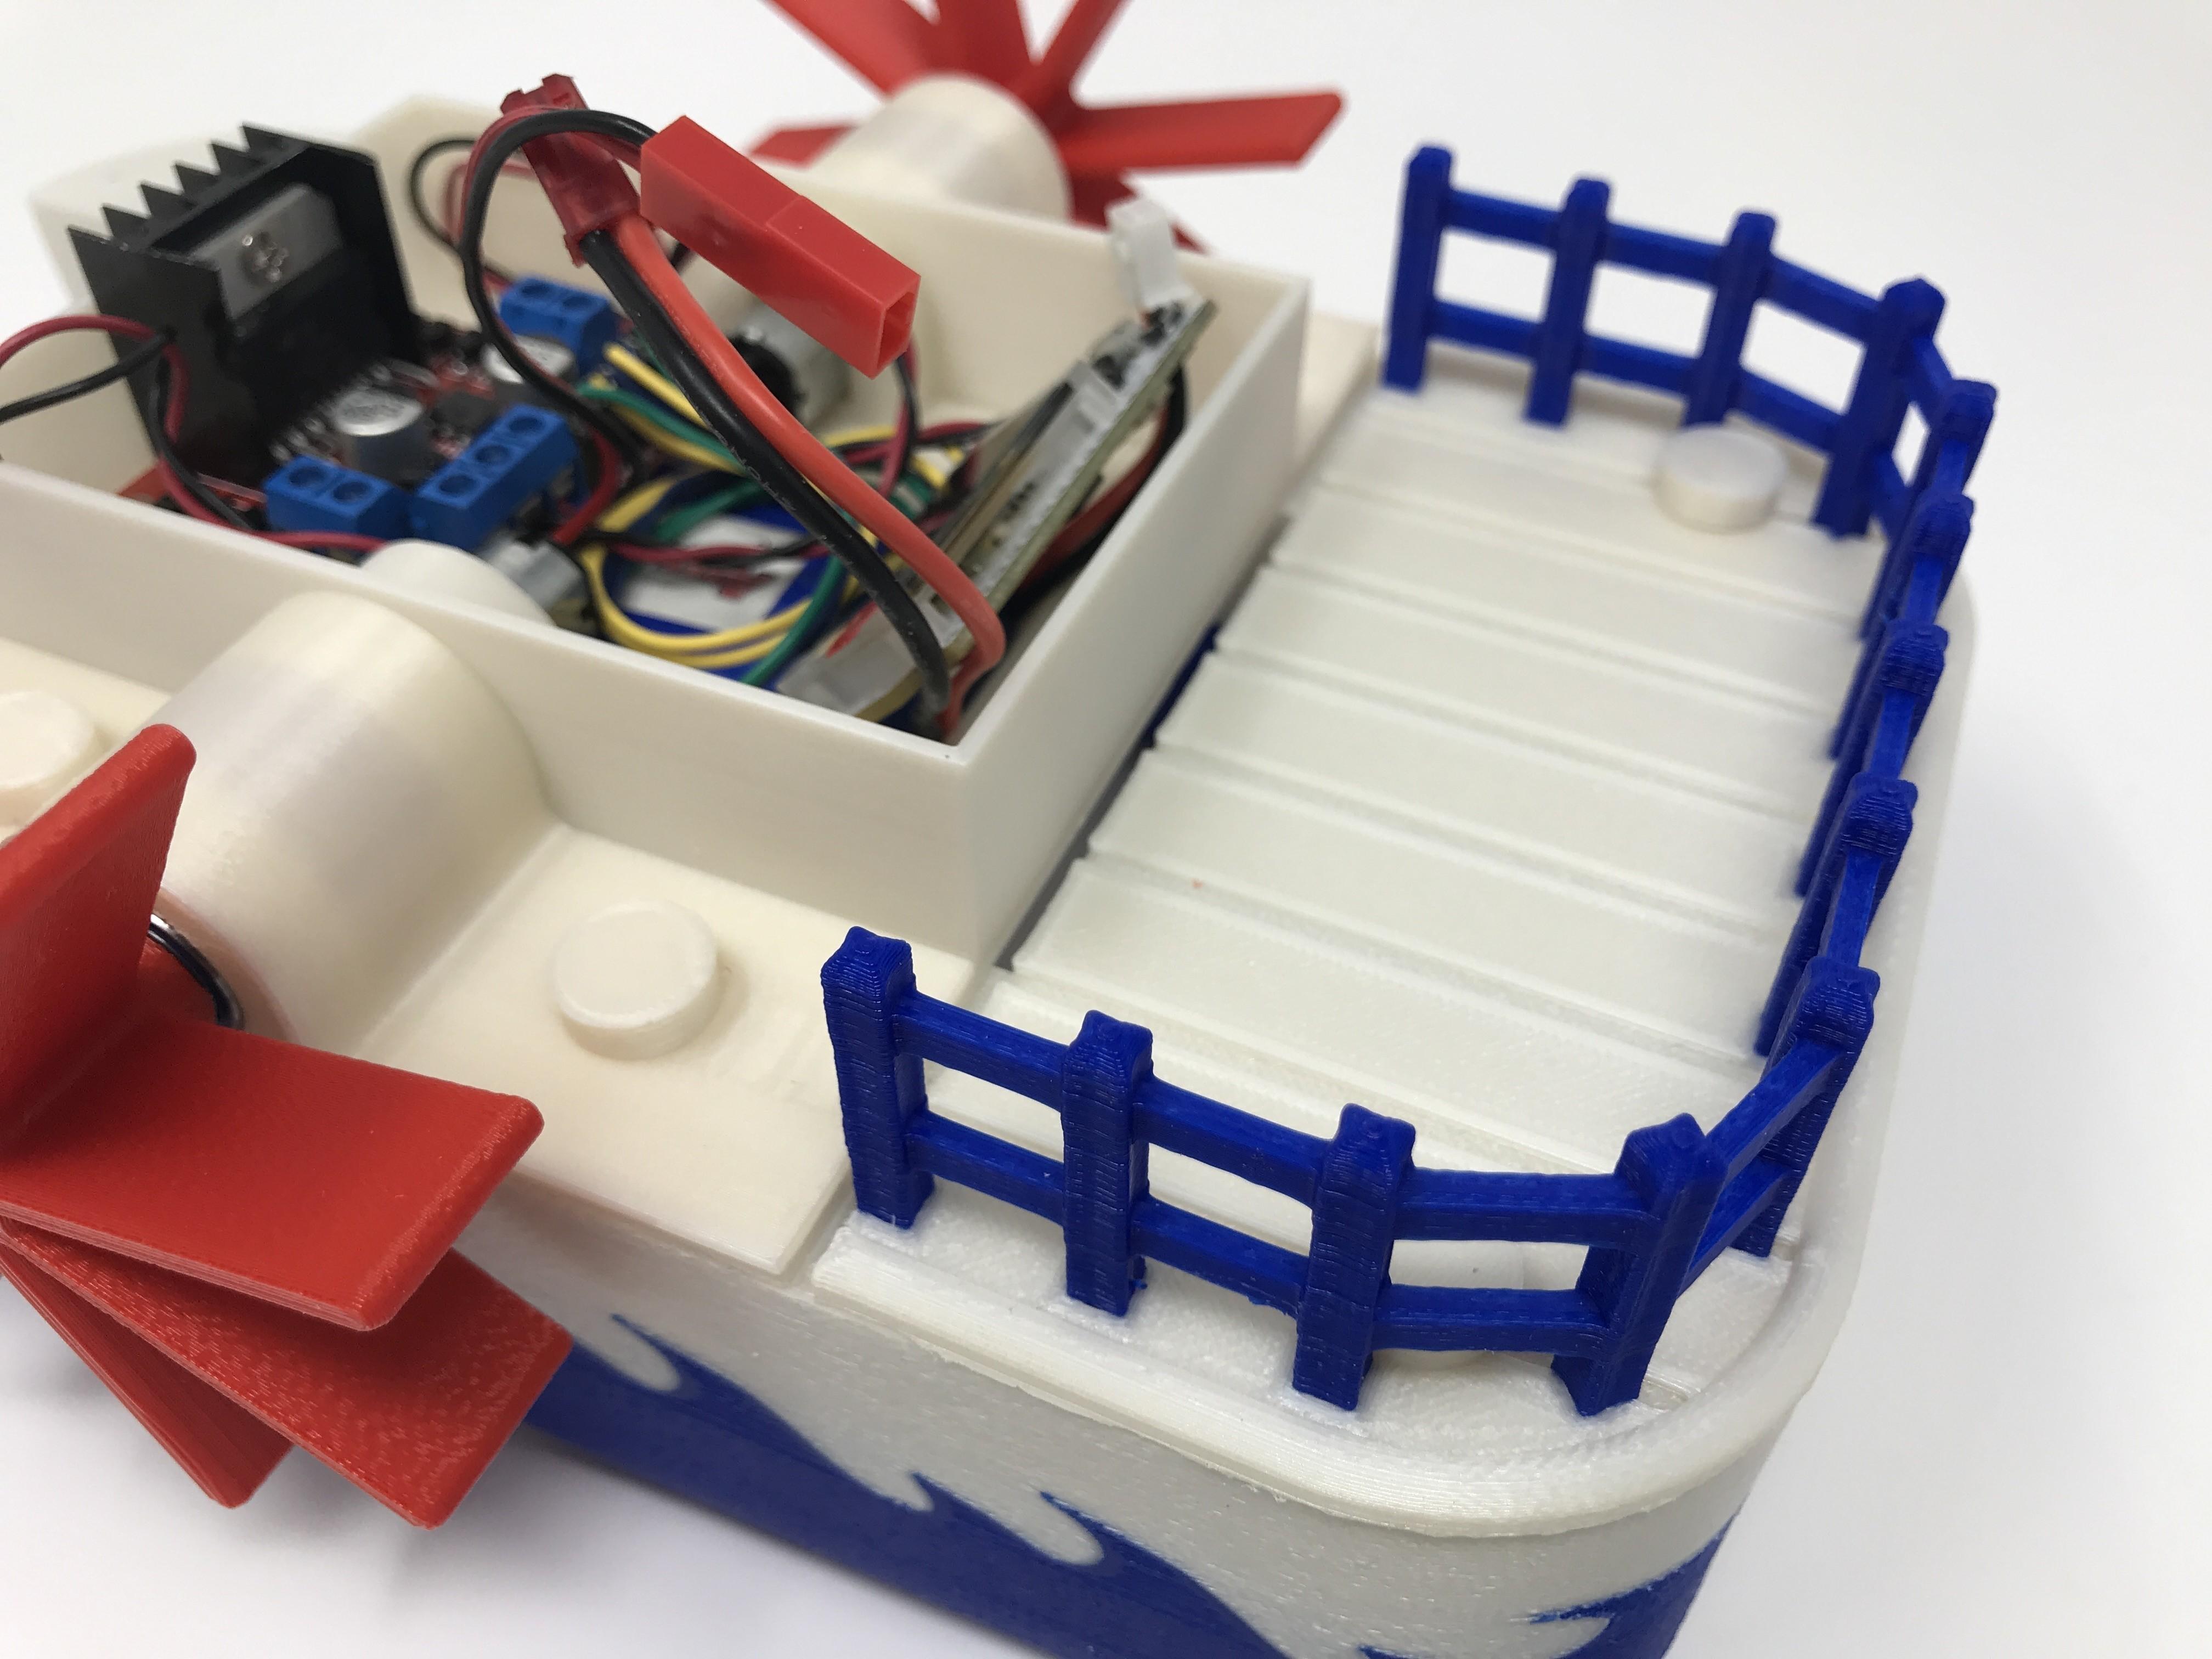 IMG_0859.jpg Download free STL file WiFi Paddle Boat • 3D printing design, gzumwalt